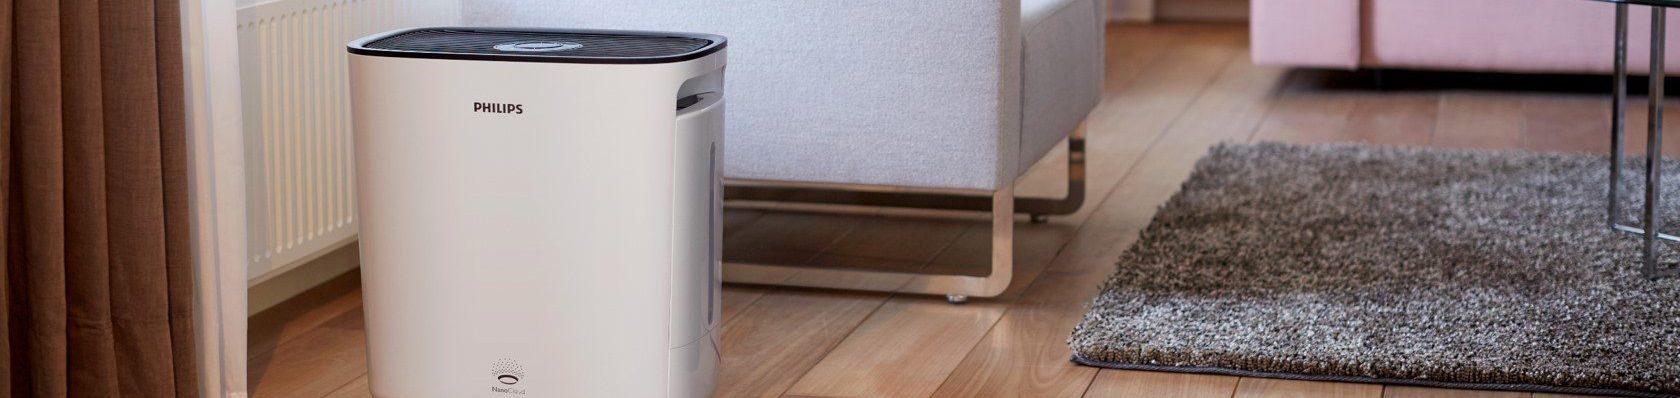 Lufttrockner im Test auf ExpertenTesten.de